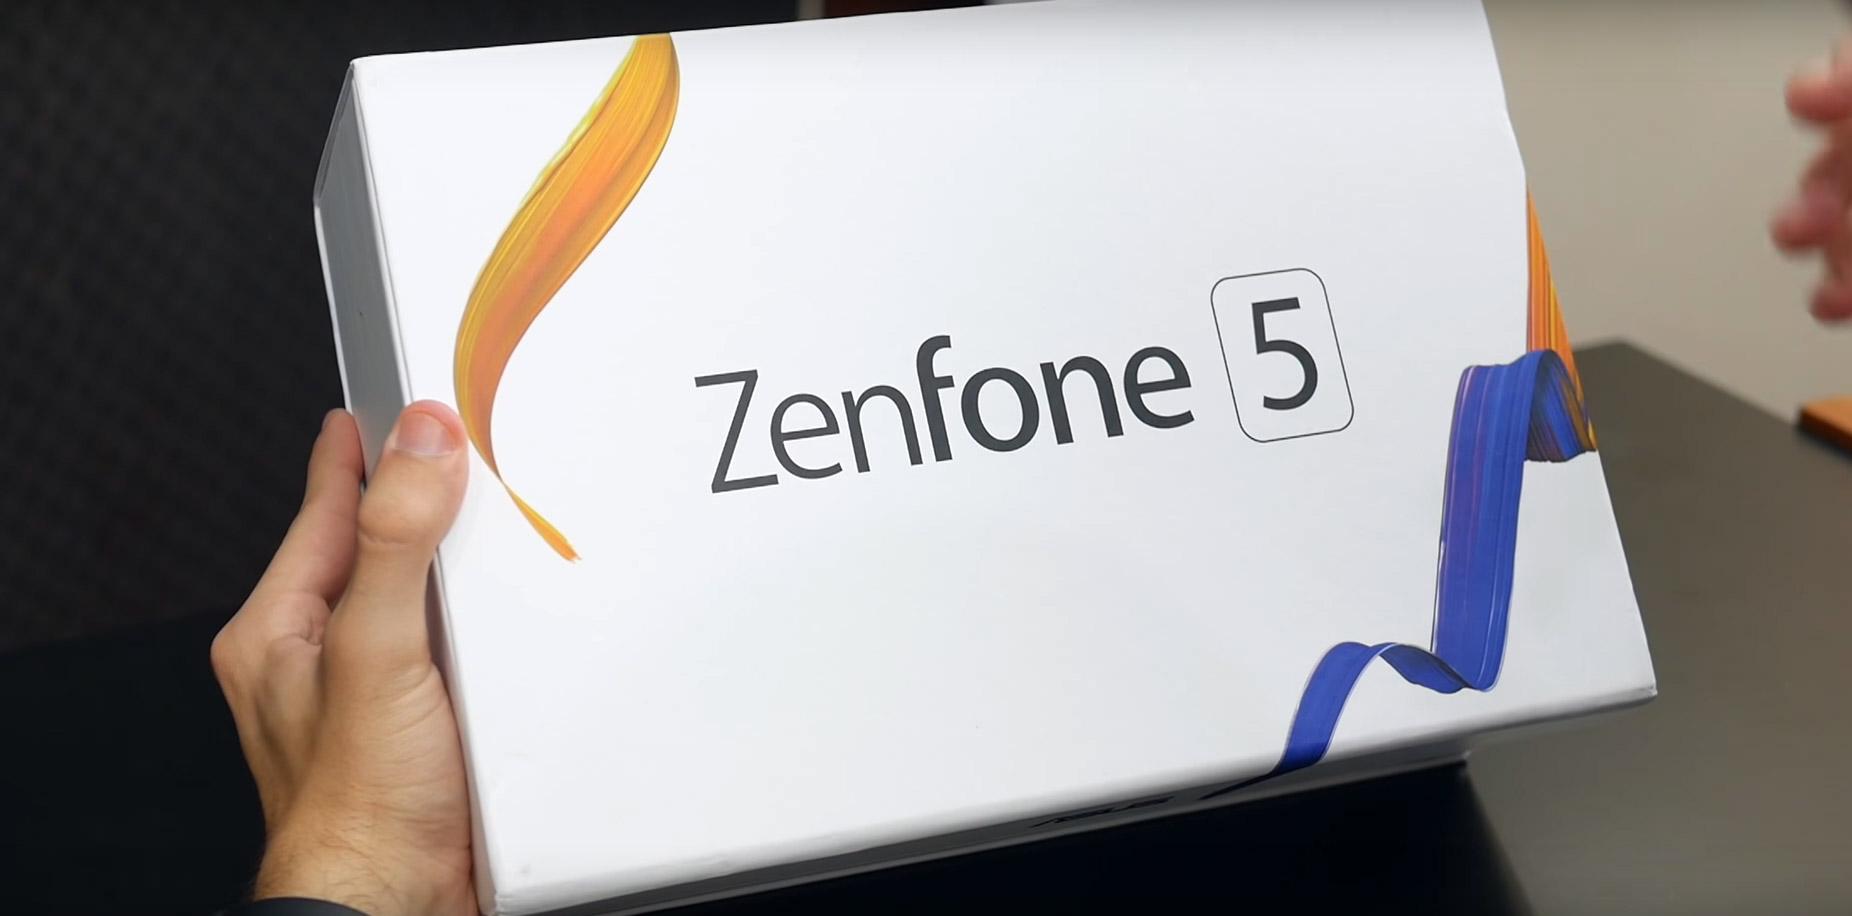 """Uma grande jogada da marca foi encaminhar a esses influenciadores o Zenfone5 em uma caixa especial, dando um charme a mais na apresentação do aparelho! Muitos deles comentam """"há fique calmo que o seu não virá nessa caixa de sapato, ainda bem viu!"""". Mas claro que lá no fundo todos foram devidamente impactados com uma bela apresentação de produto."""